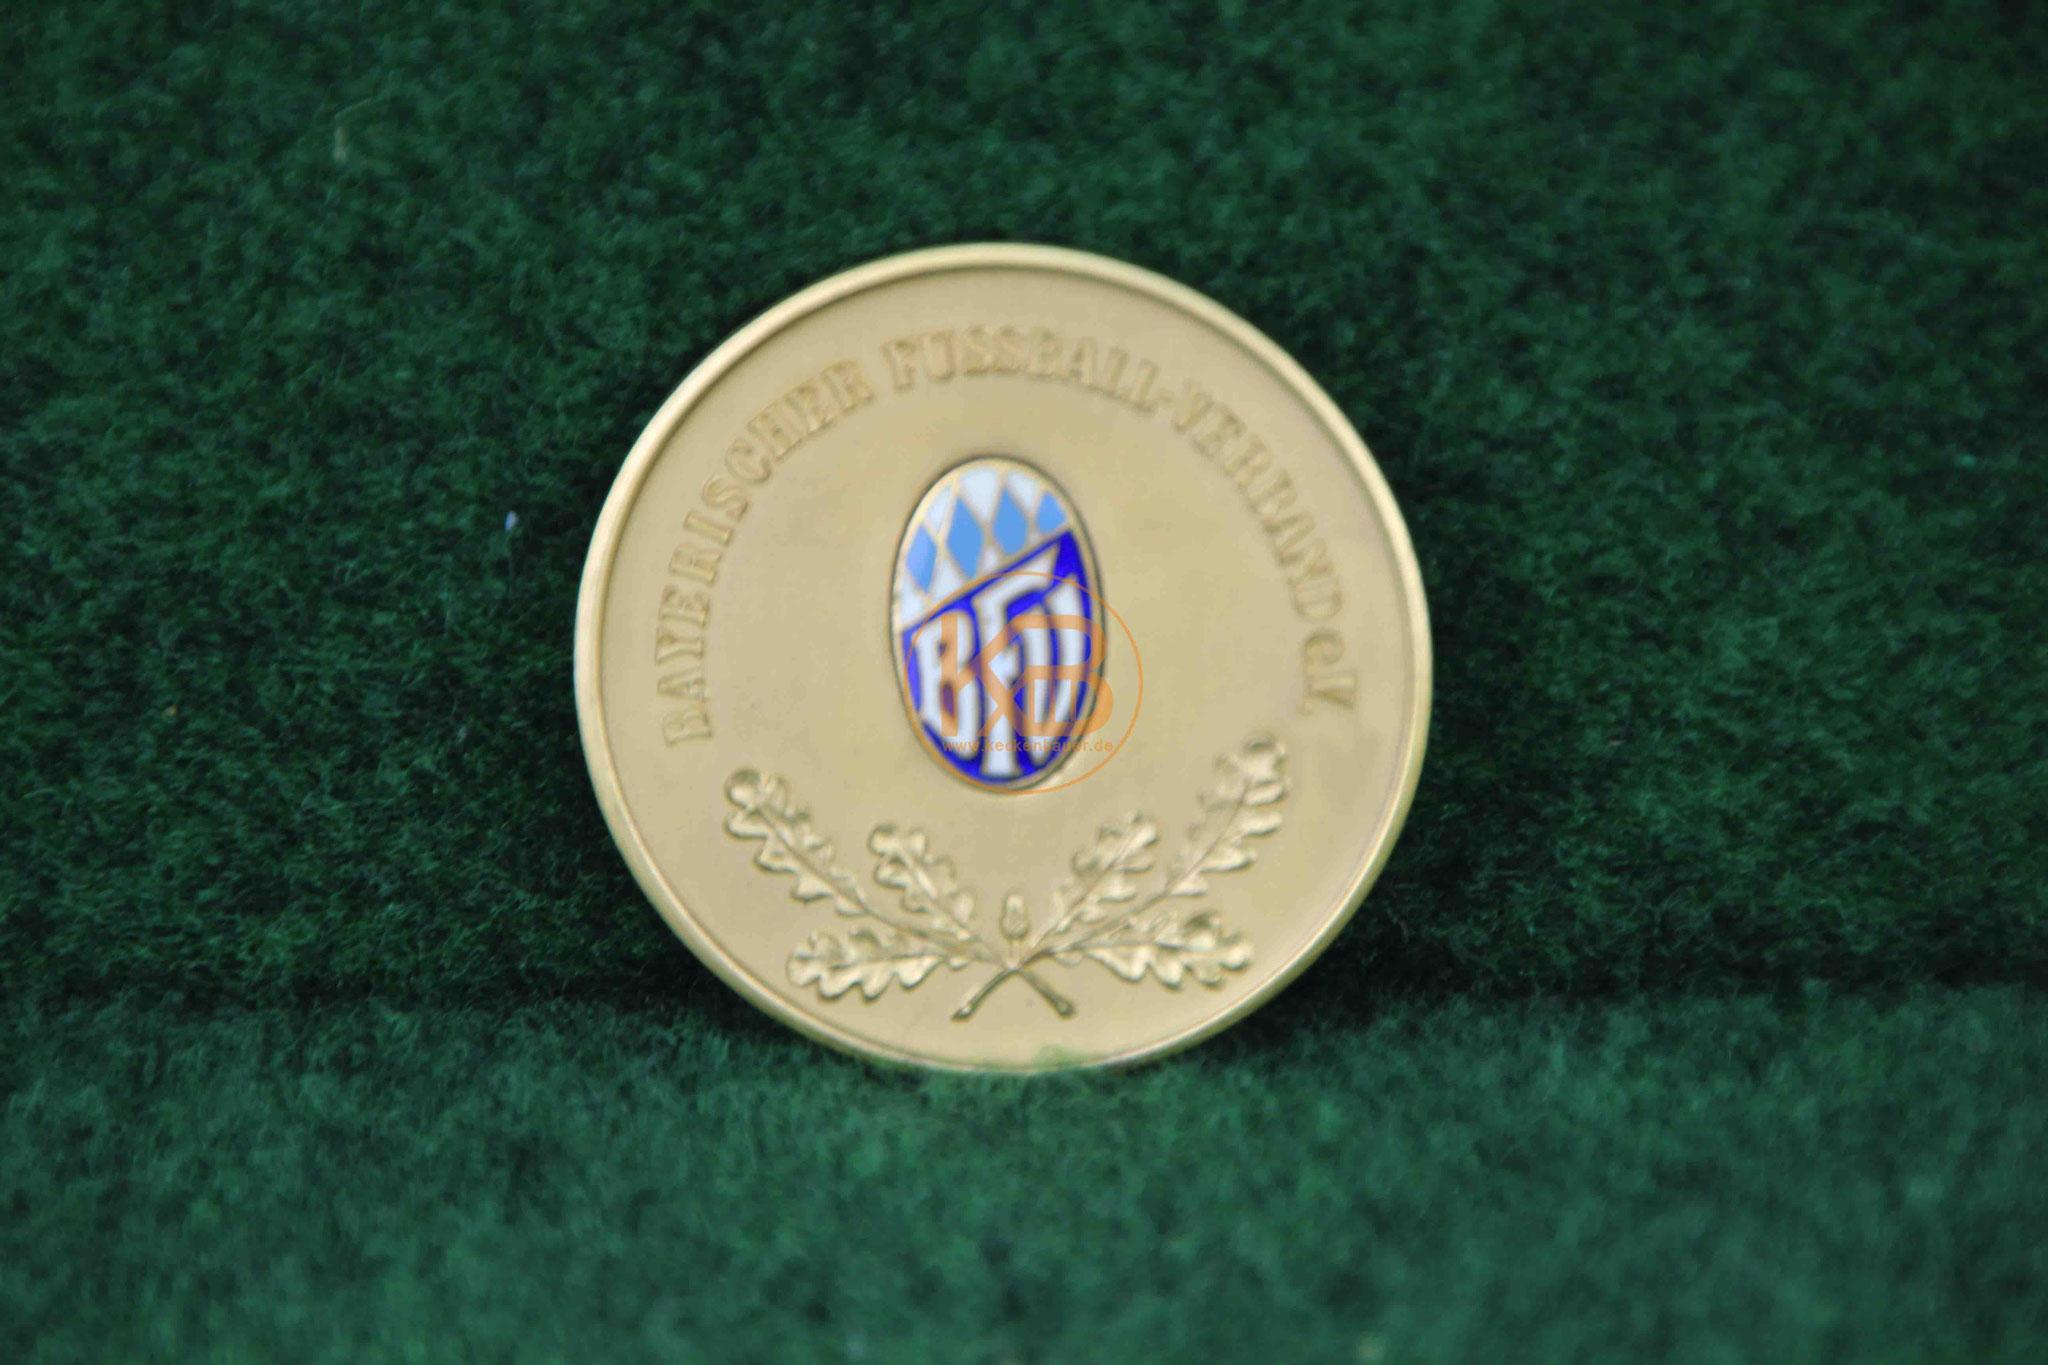 Original Münze des B.F.V. zum Gewinn des Bayern Pokal im Jahr 1967/68 in Gold 1/2